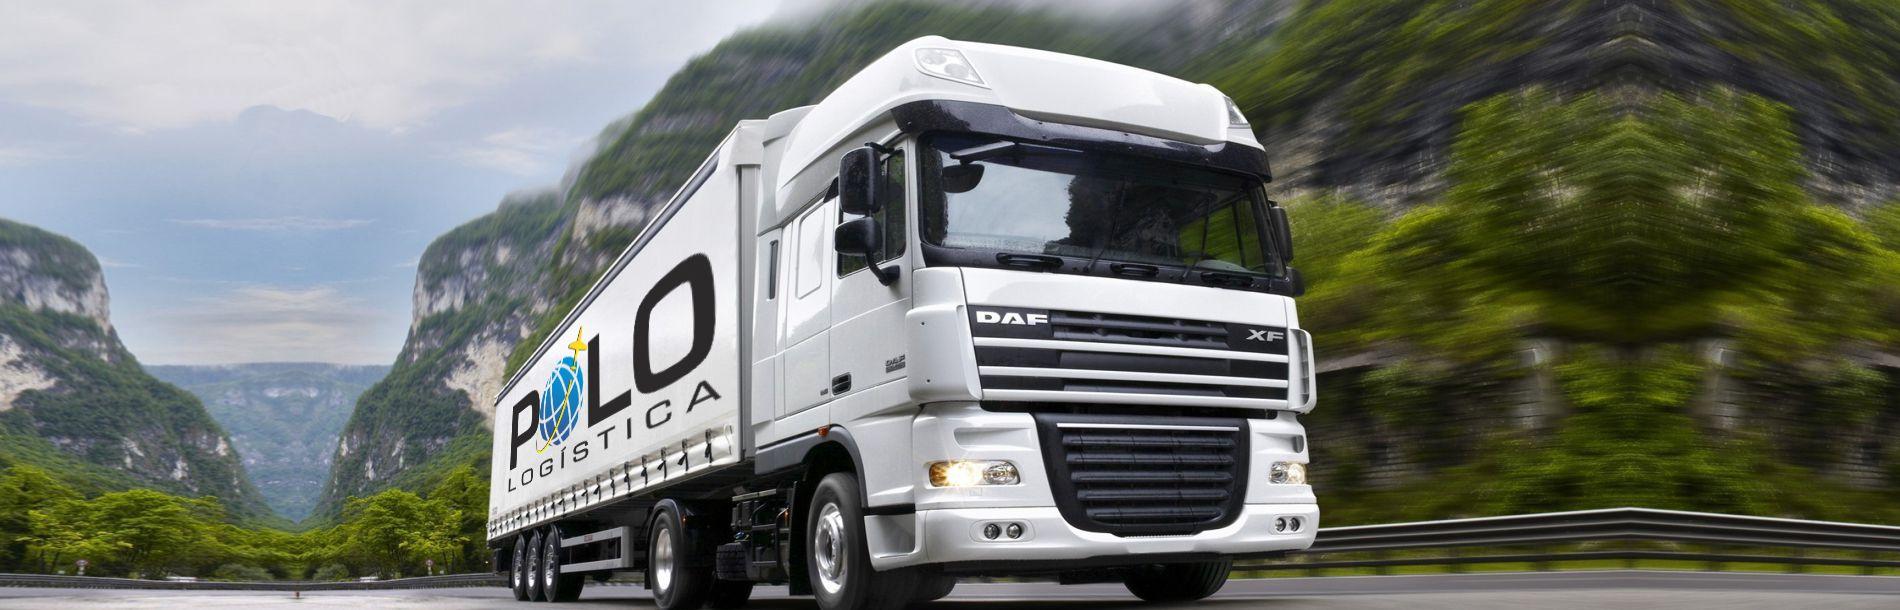 Caminhão numa estrada com a marca da Polo